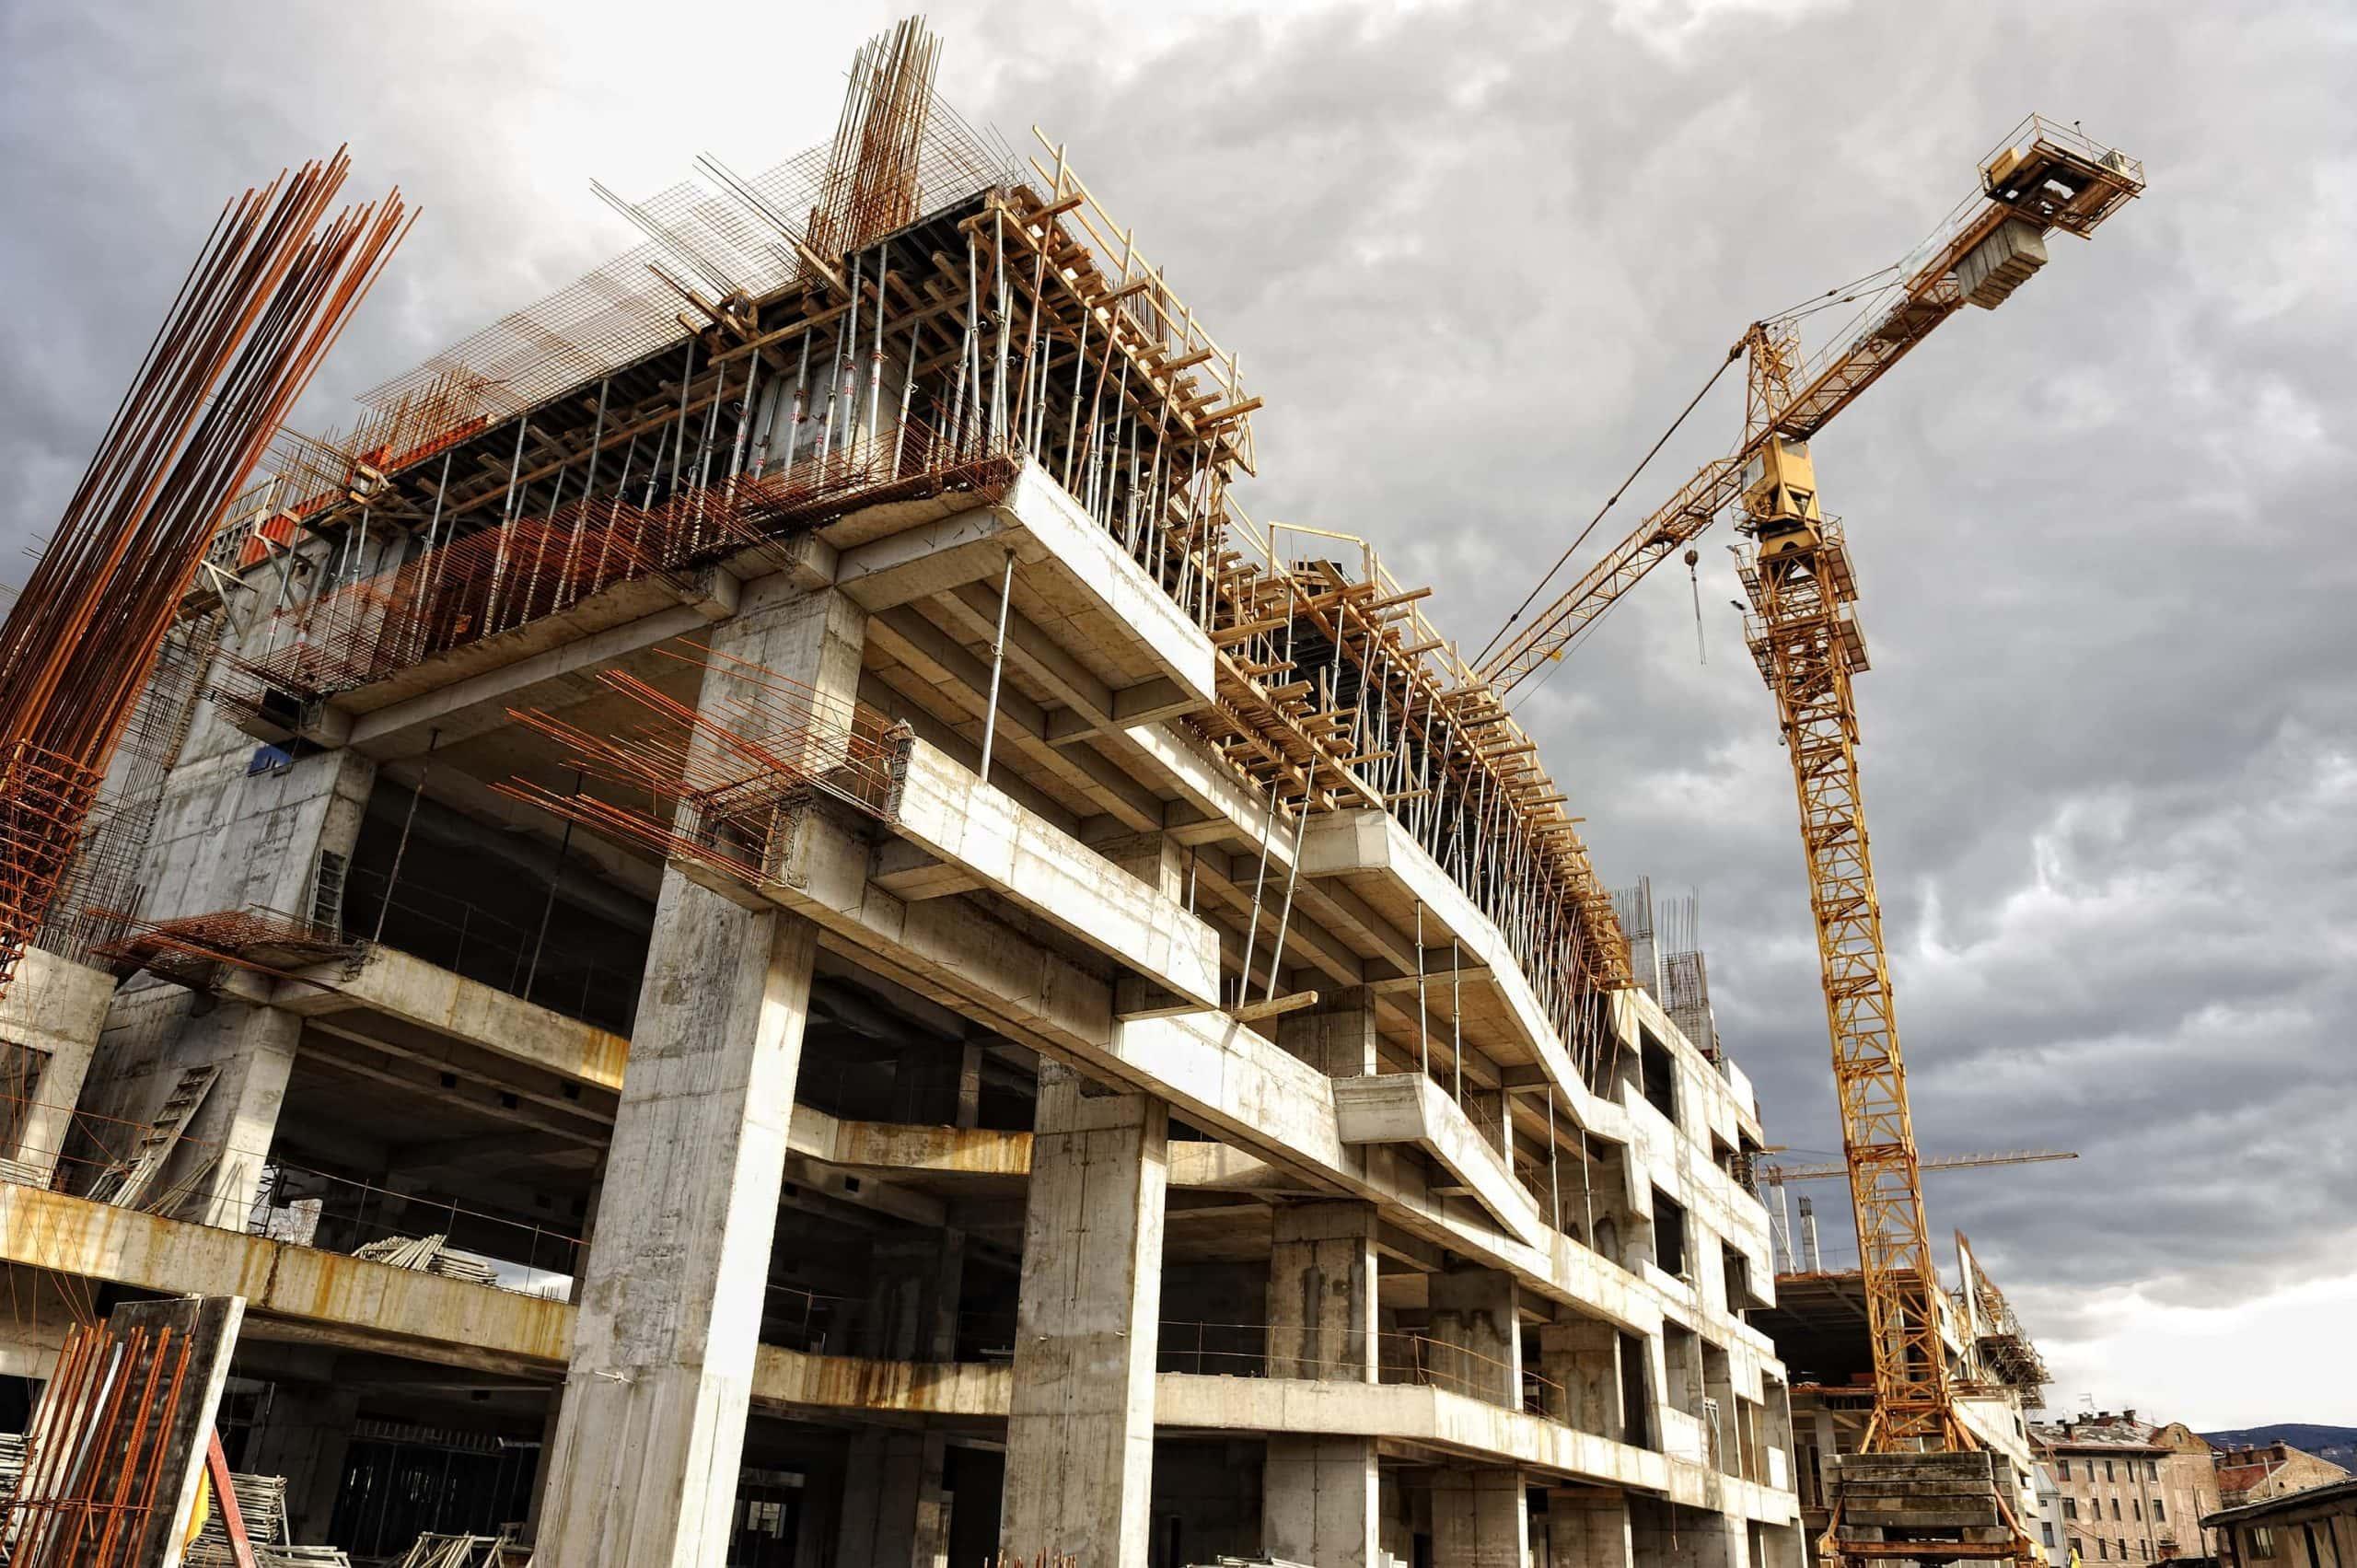 Baustelle mit Kran im Hintergrund